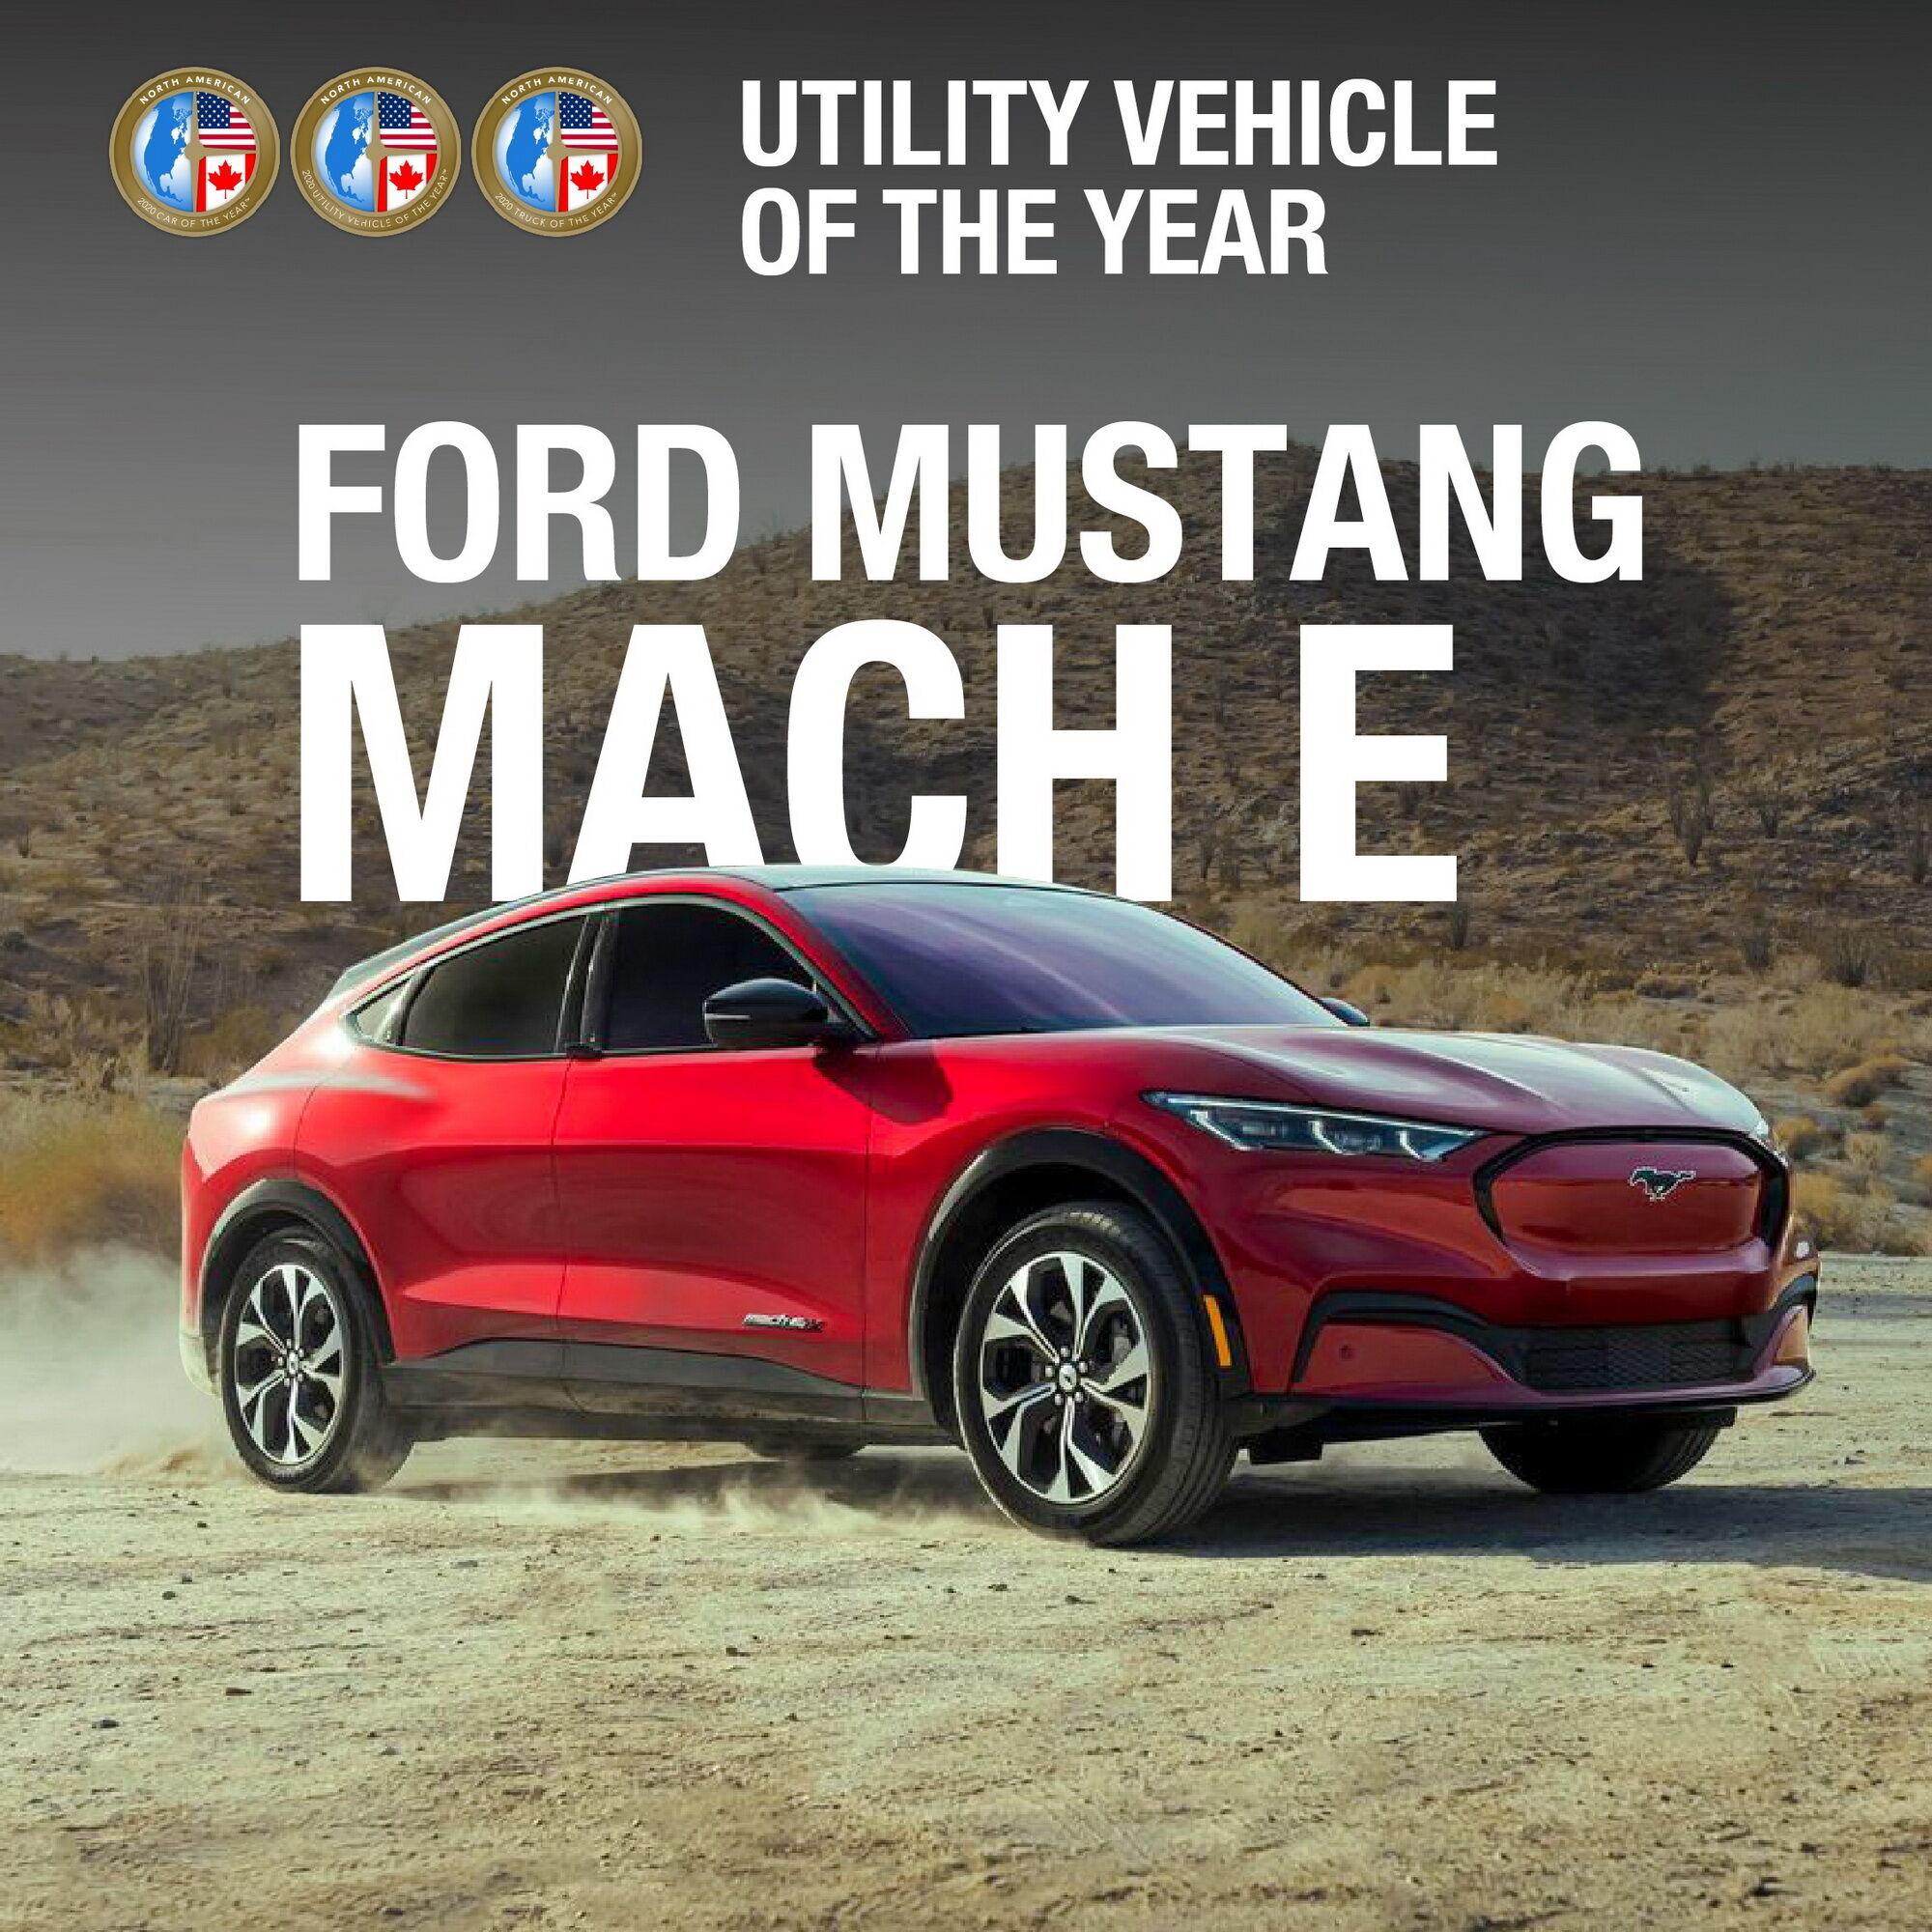 """В категории """"Кроссоверы"""" приз достался первому полностью электрическому кроссоверу Ford – Mustang Mach E."""